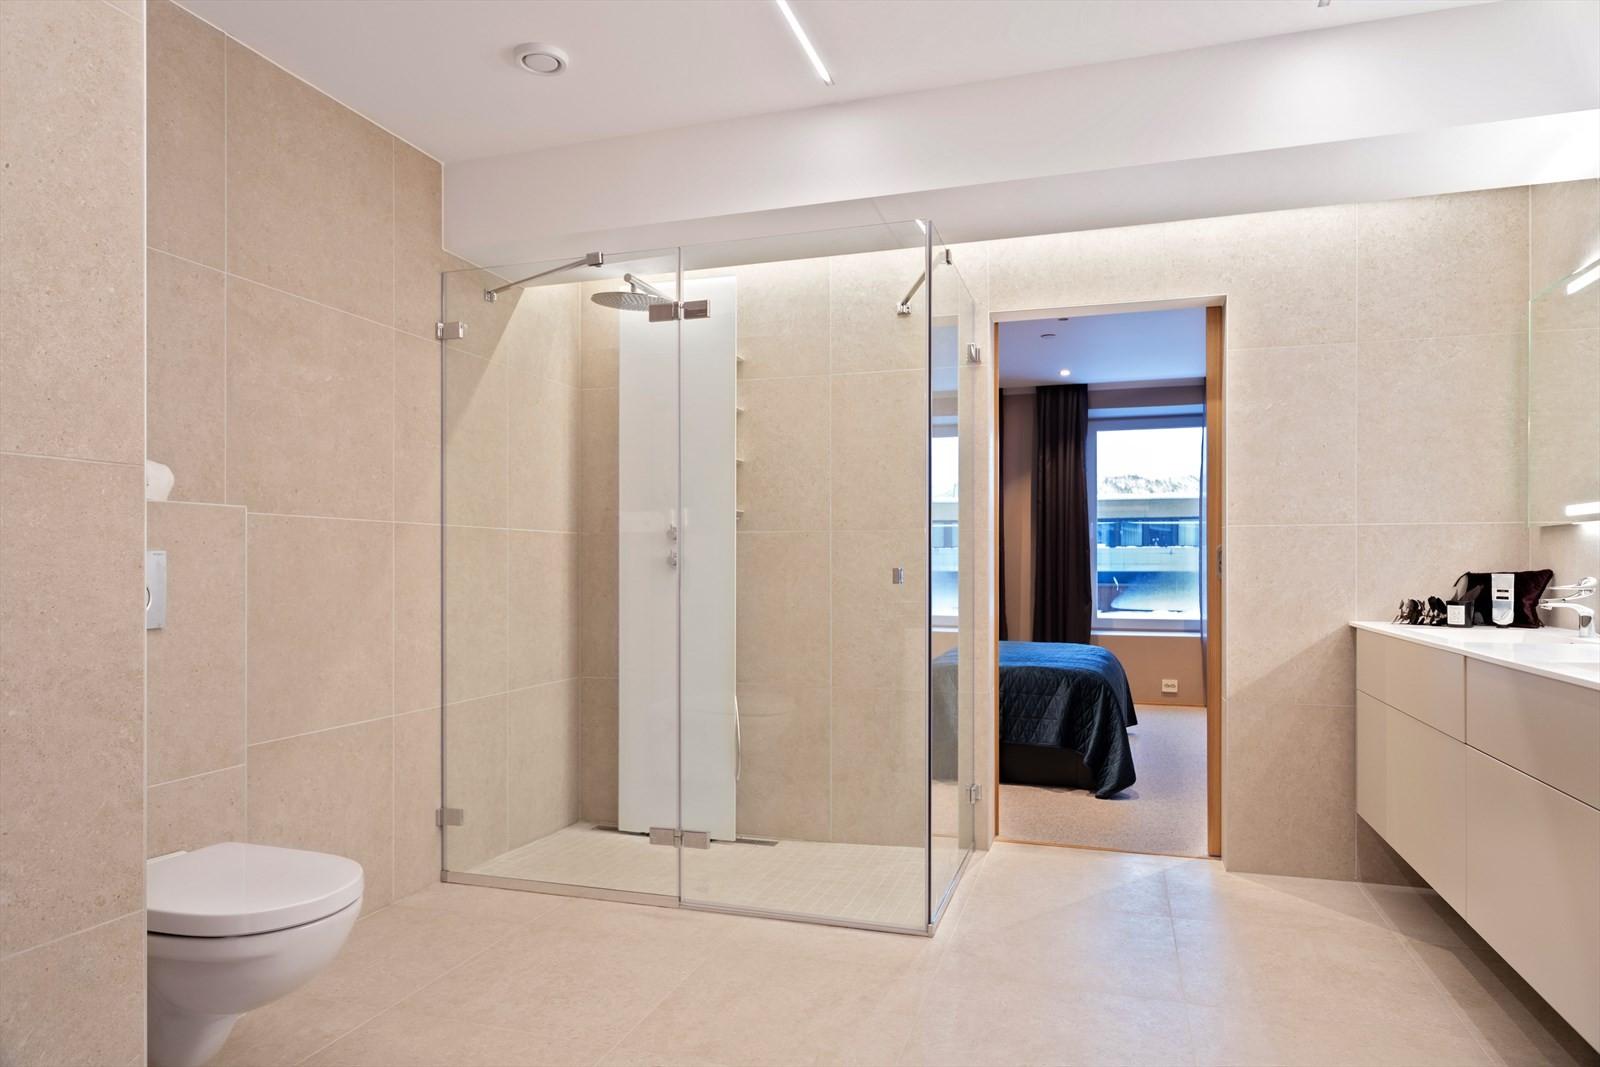 Badet er virkelig lekkert med eksklusive fliser, stor dusj, vegghengt klosett, innholdsrik innredning og med lekker belysning